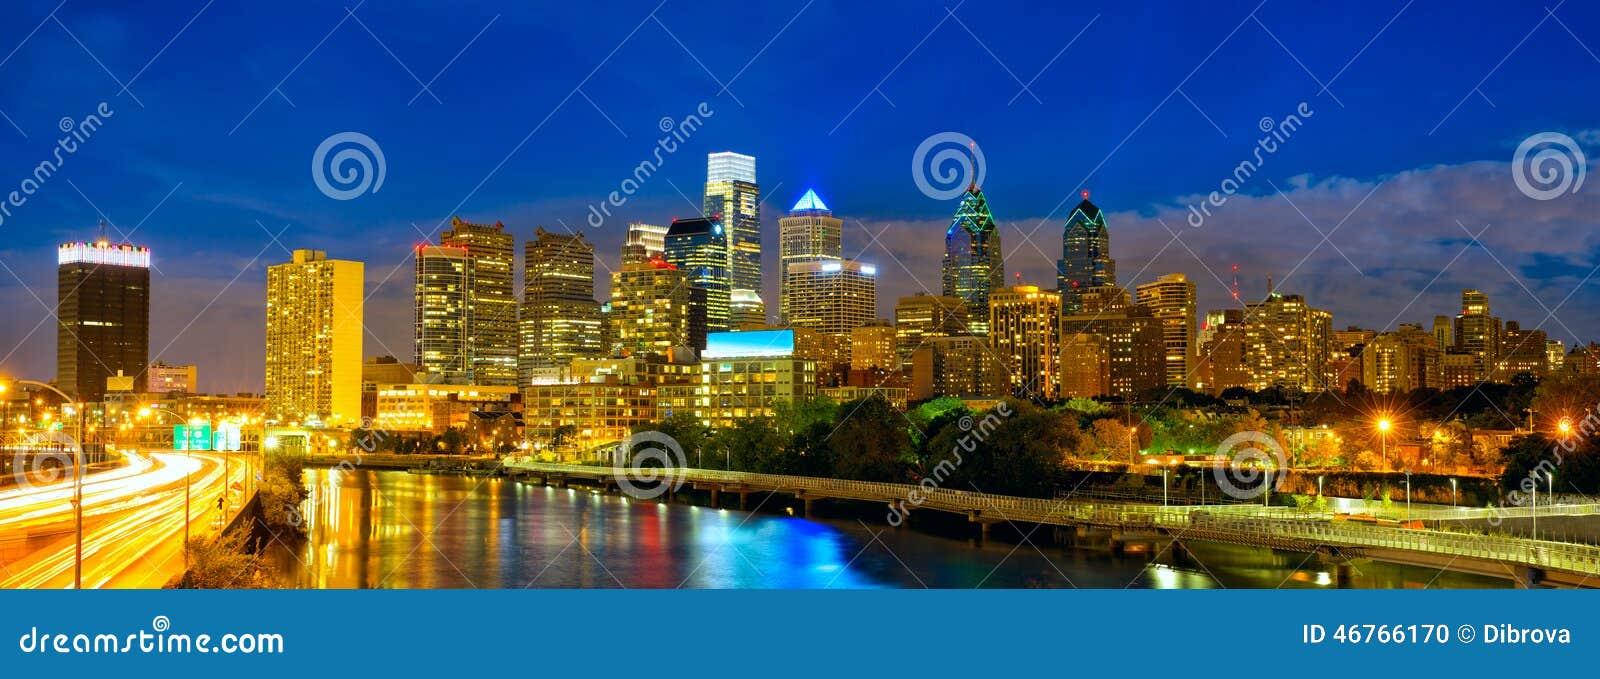 Philadelphia im Stadtzentrum gelegen